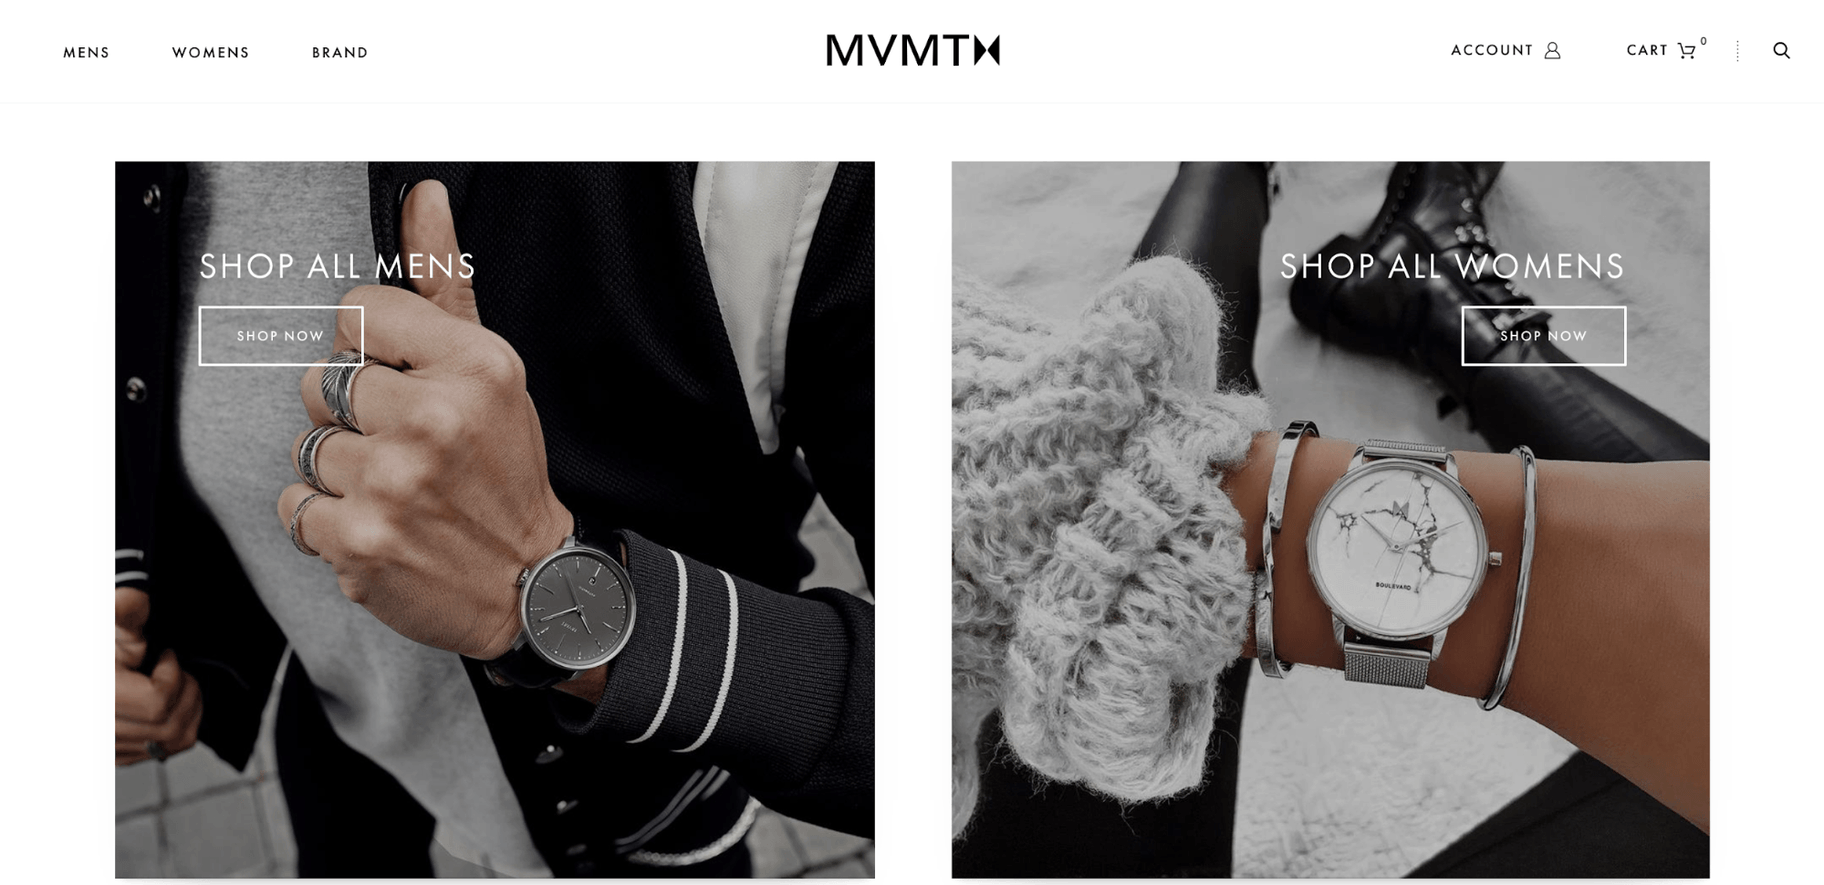 MVMT Vision statement